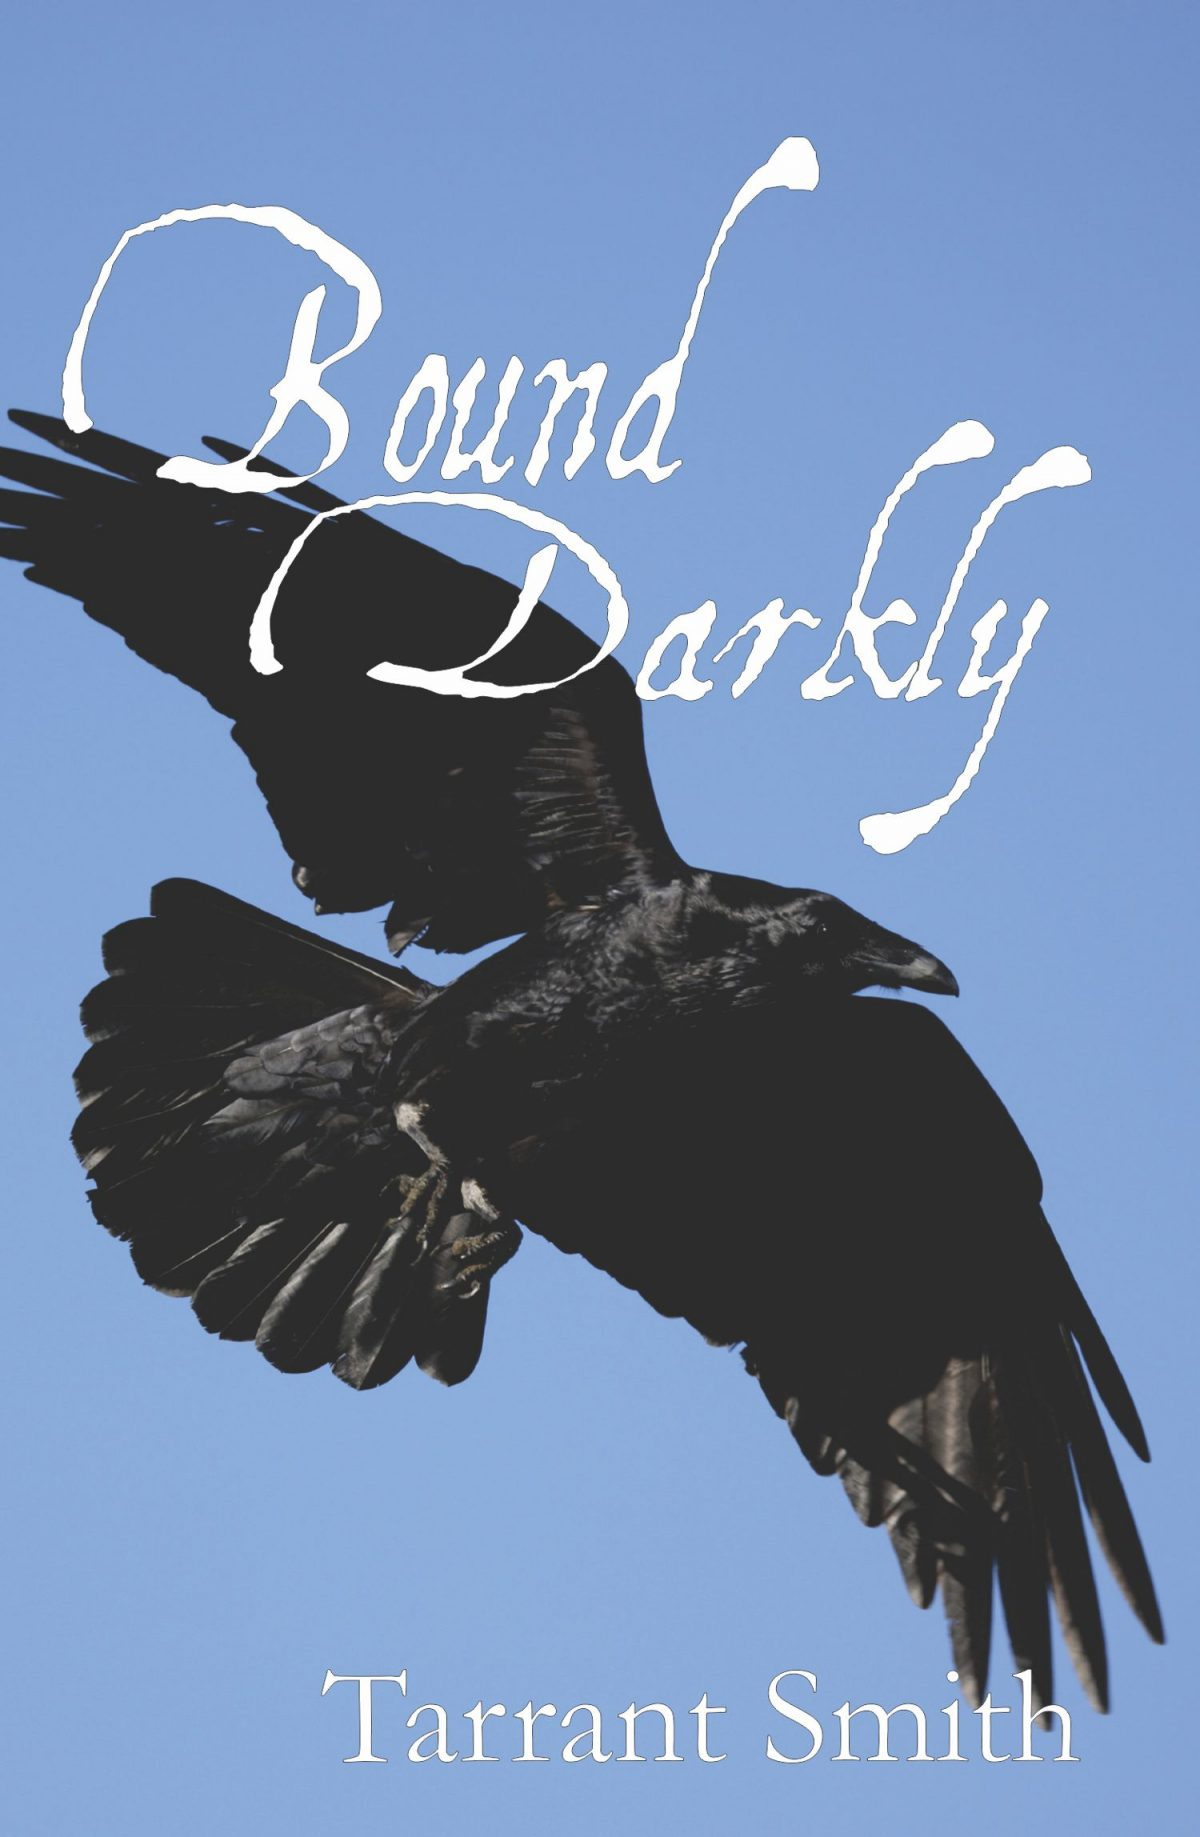 Author Interview: A Proven Warrior (Bound Darkly)